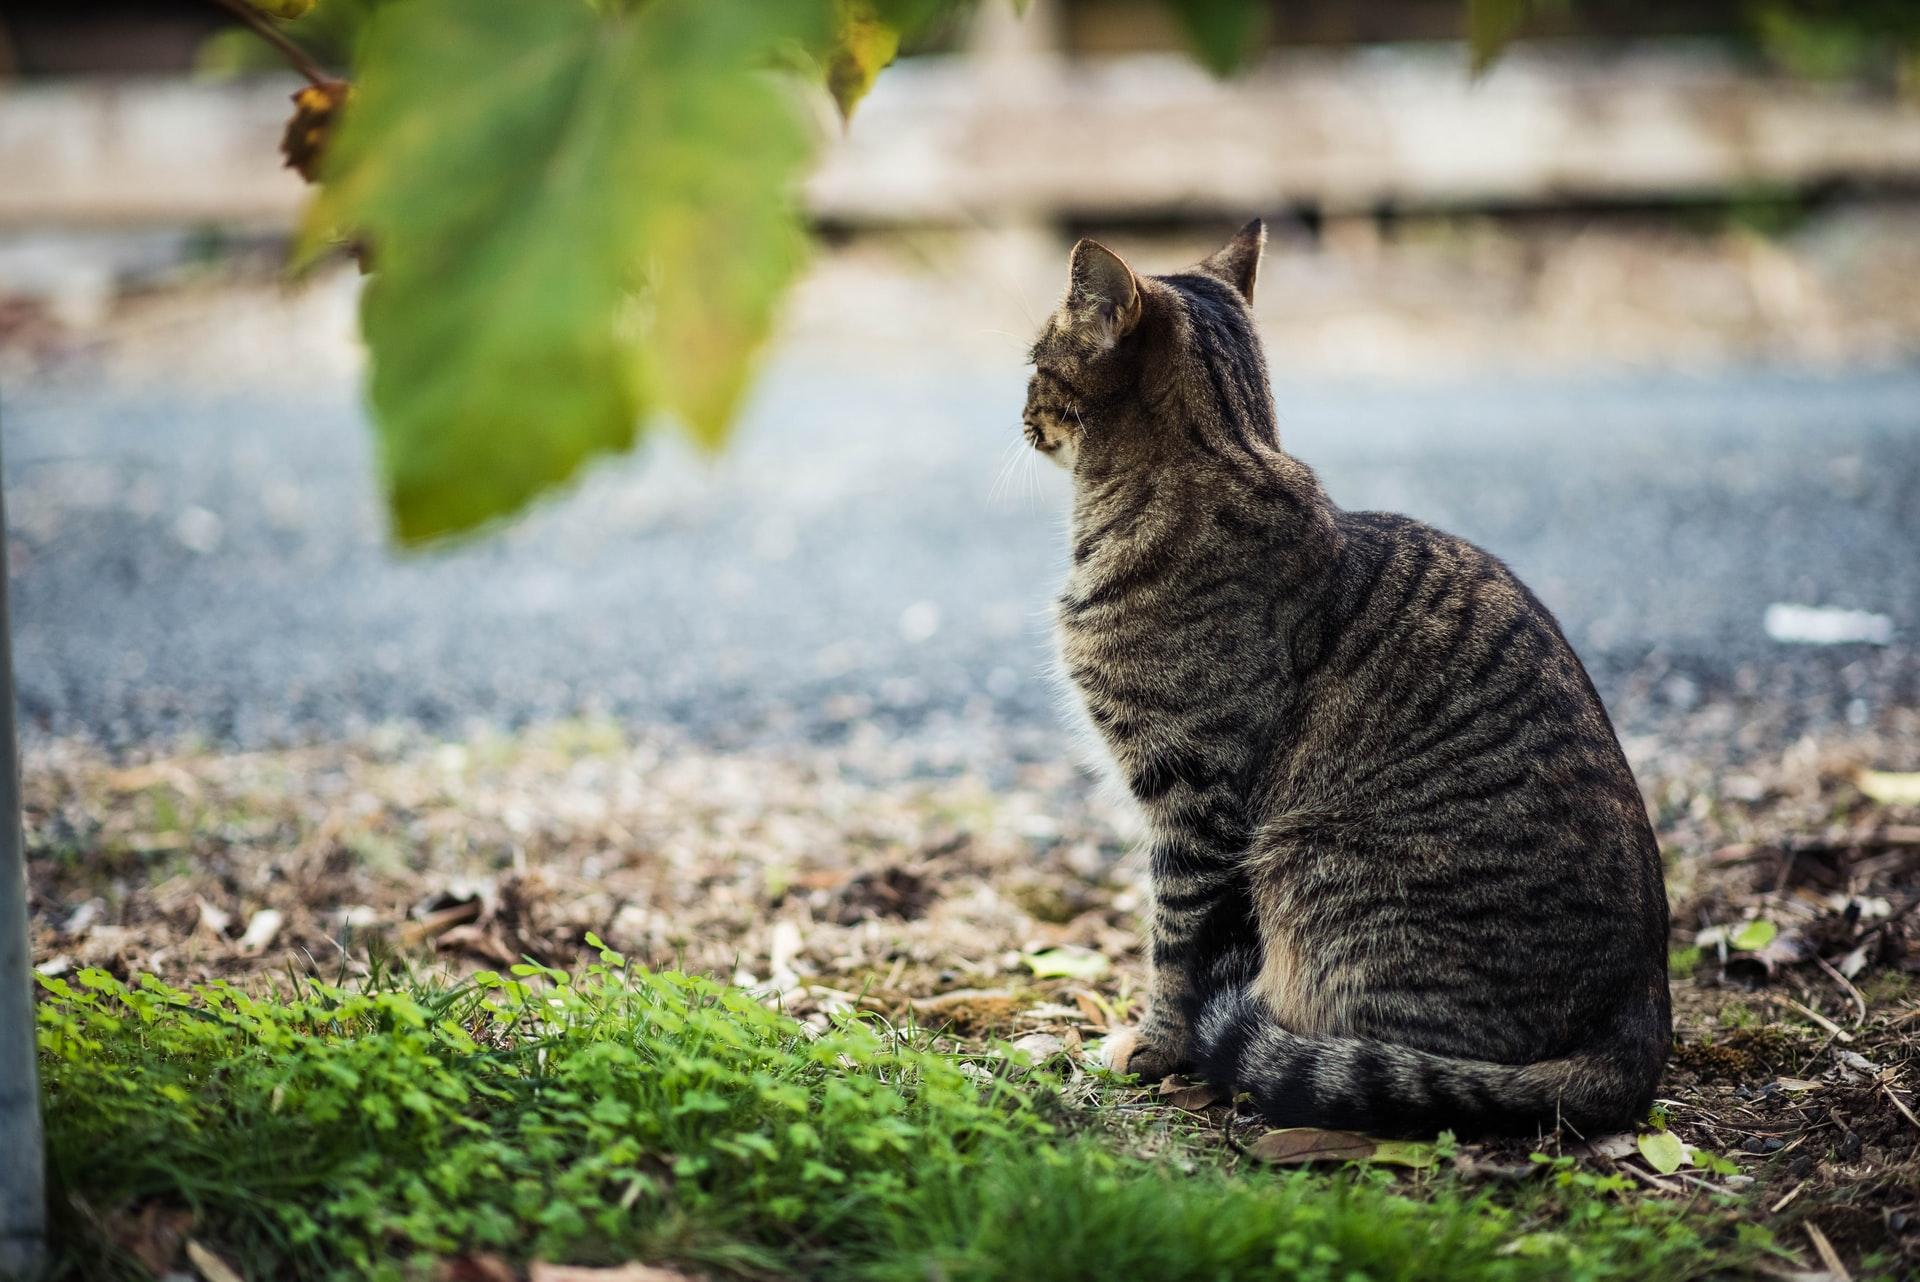 Kedim Kayboldu! Kaybolan Kedi Nasıl Bulunur?